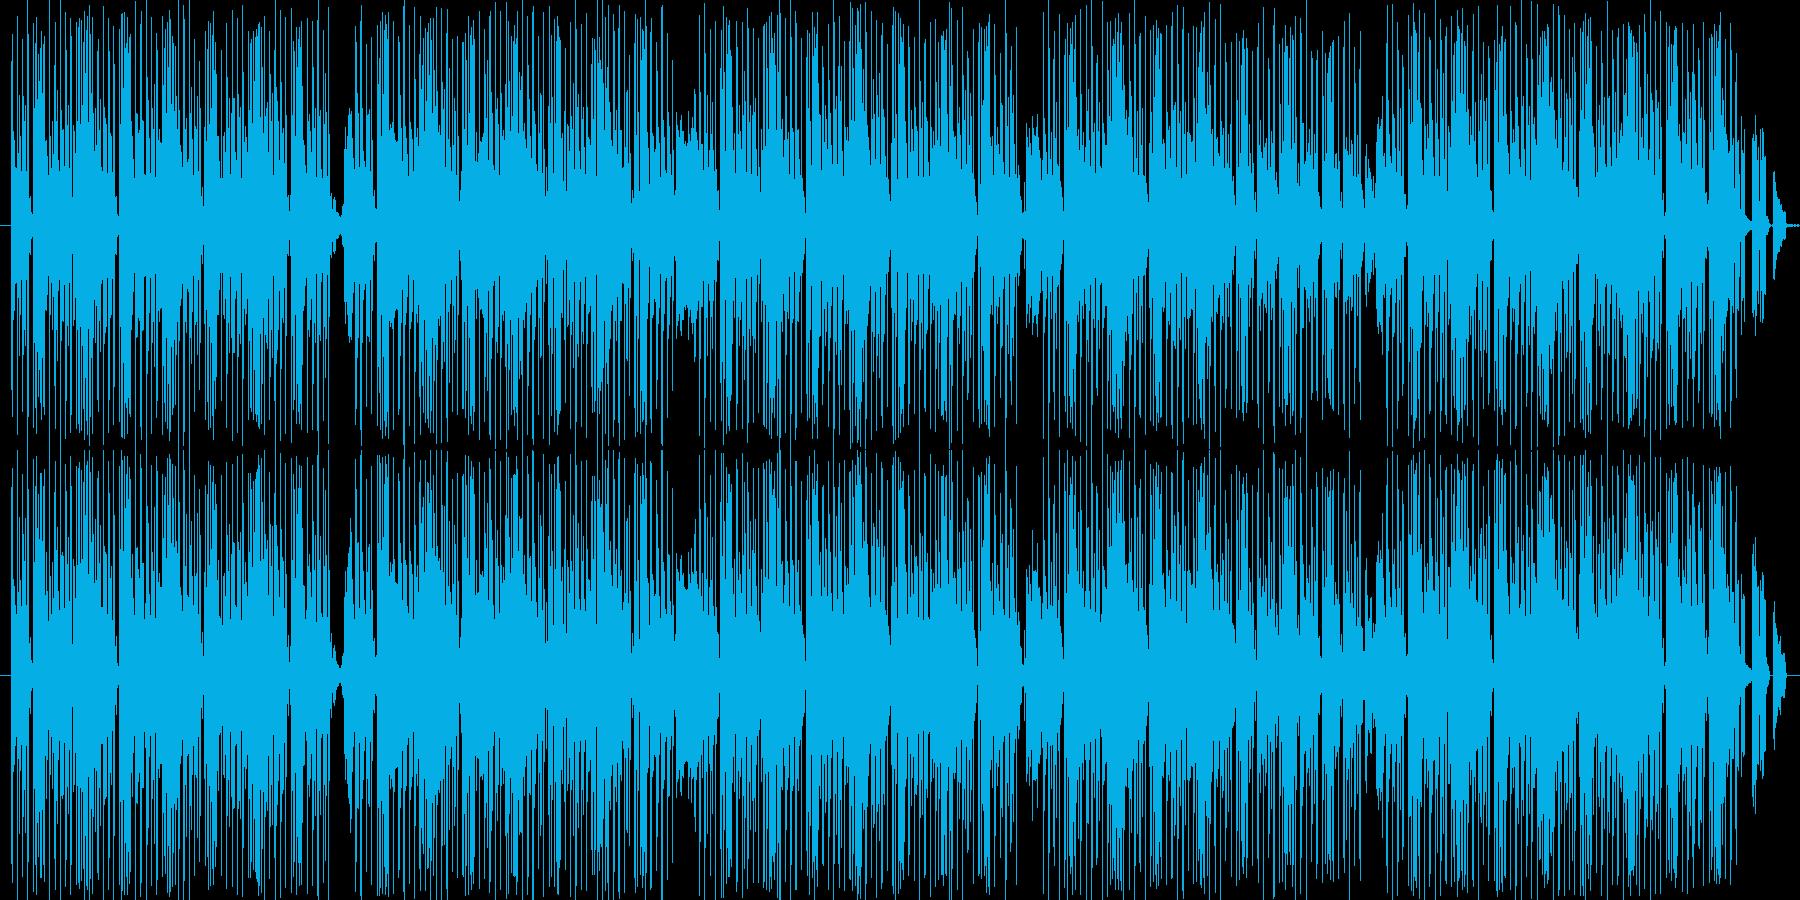 ジャズテイストなR&Bトラックの再生済みの波形